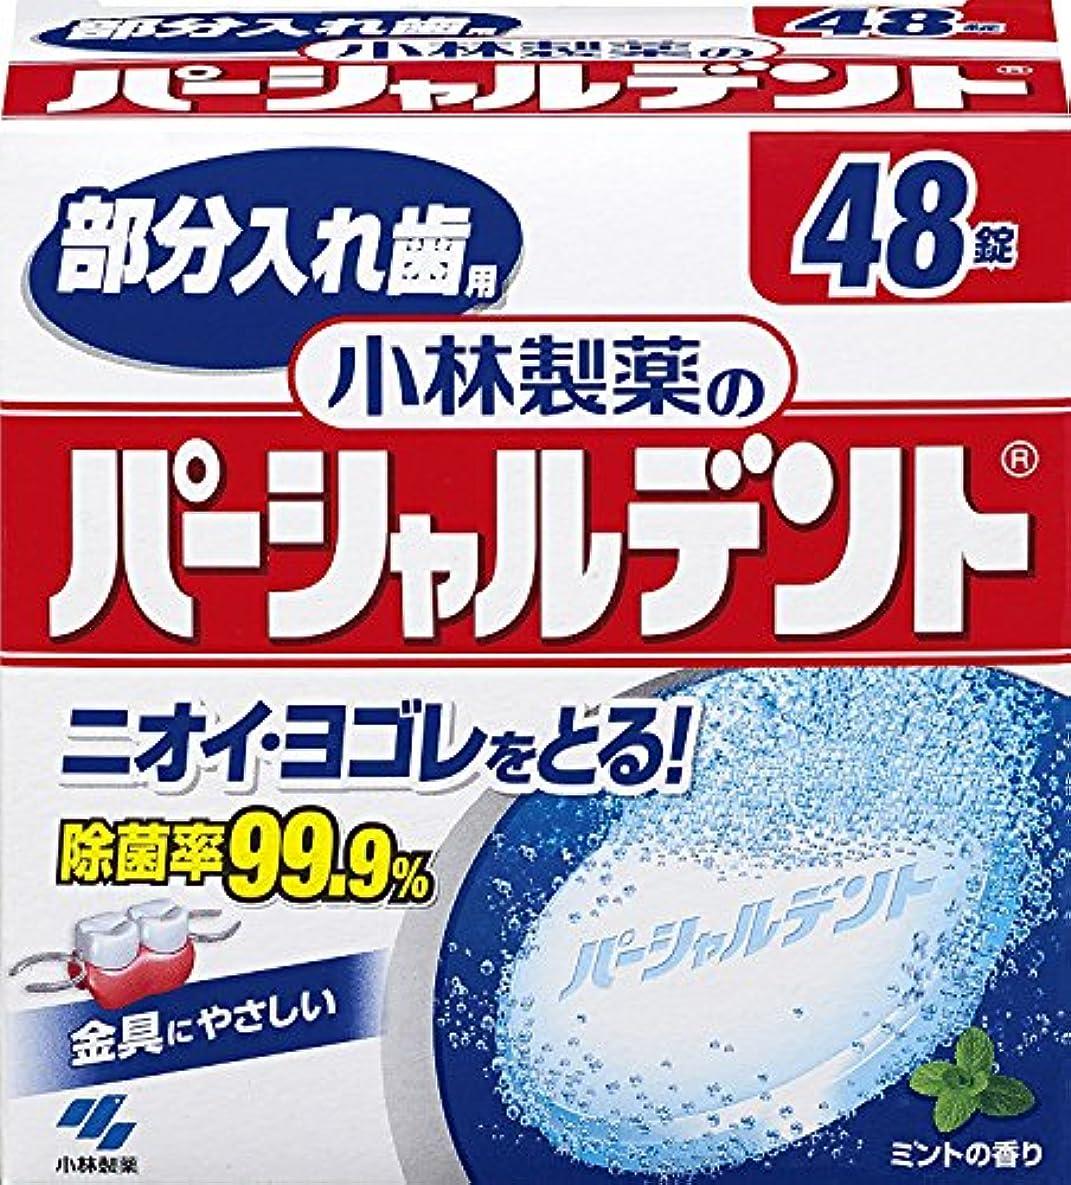 凍る鮮やかな雪小林製薬のパーシャルデント 部分入れ歯用 洗浄剤 ミントの香 48錠